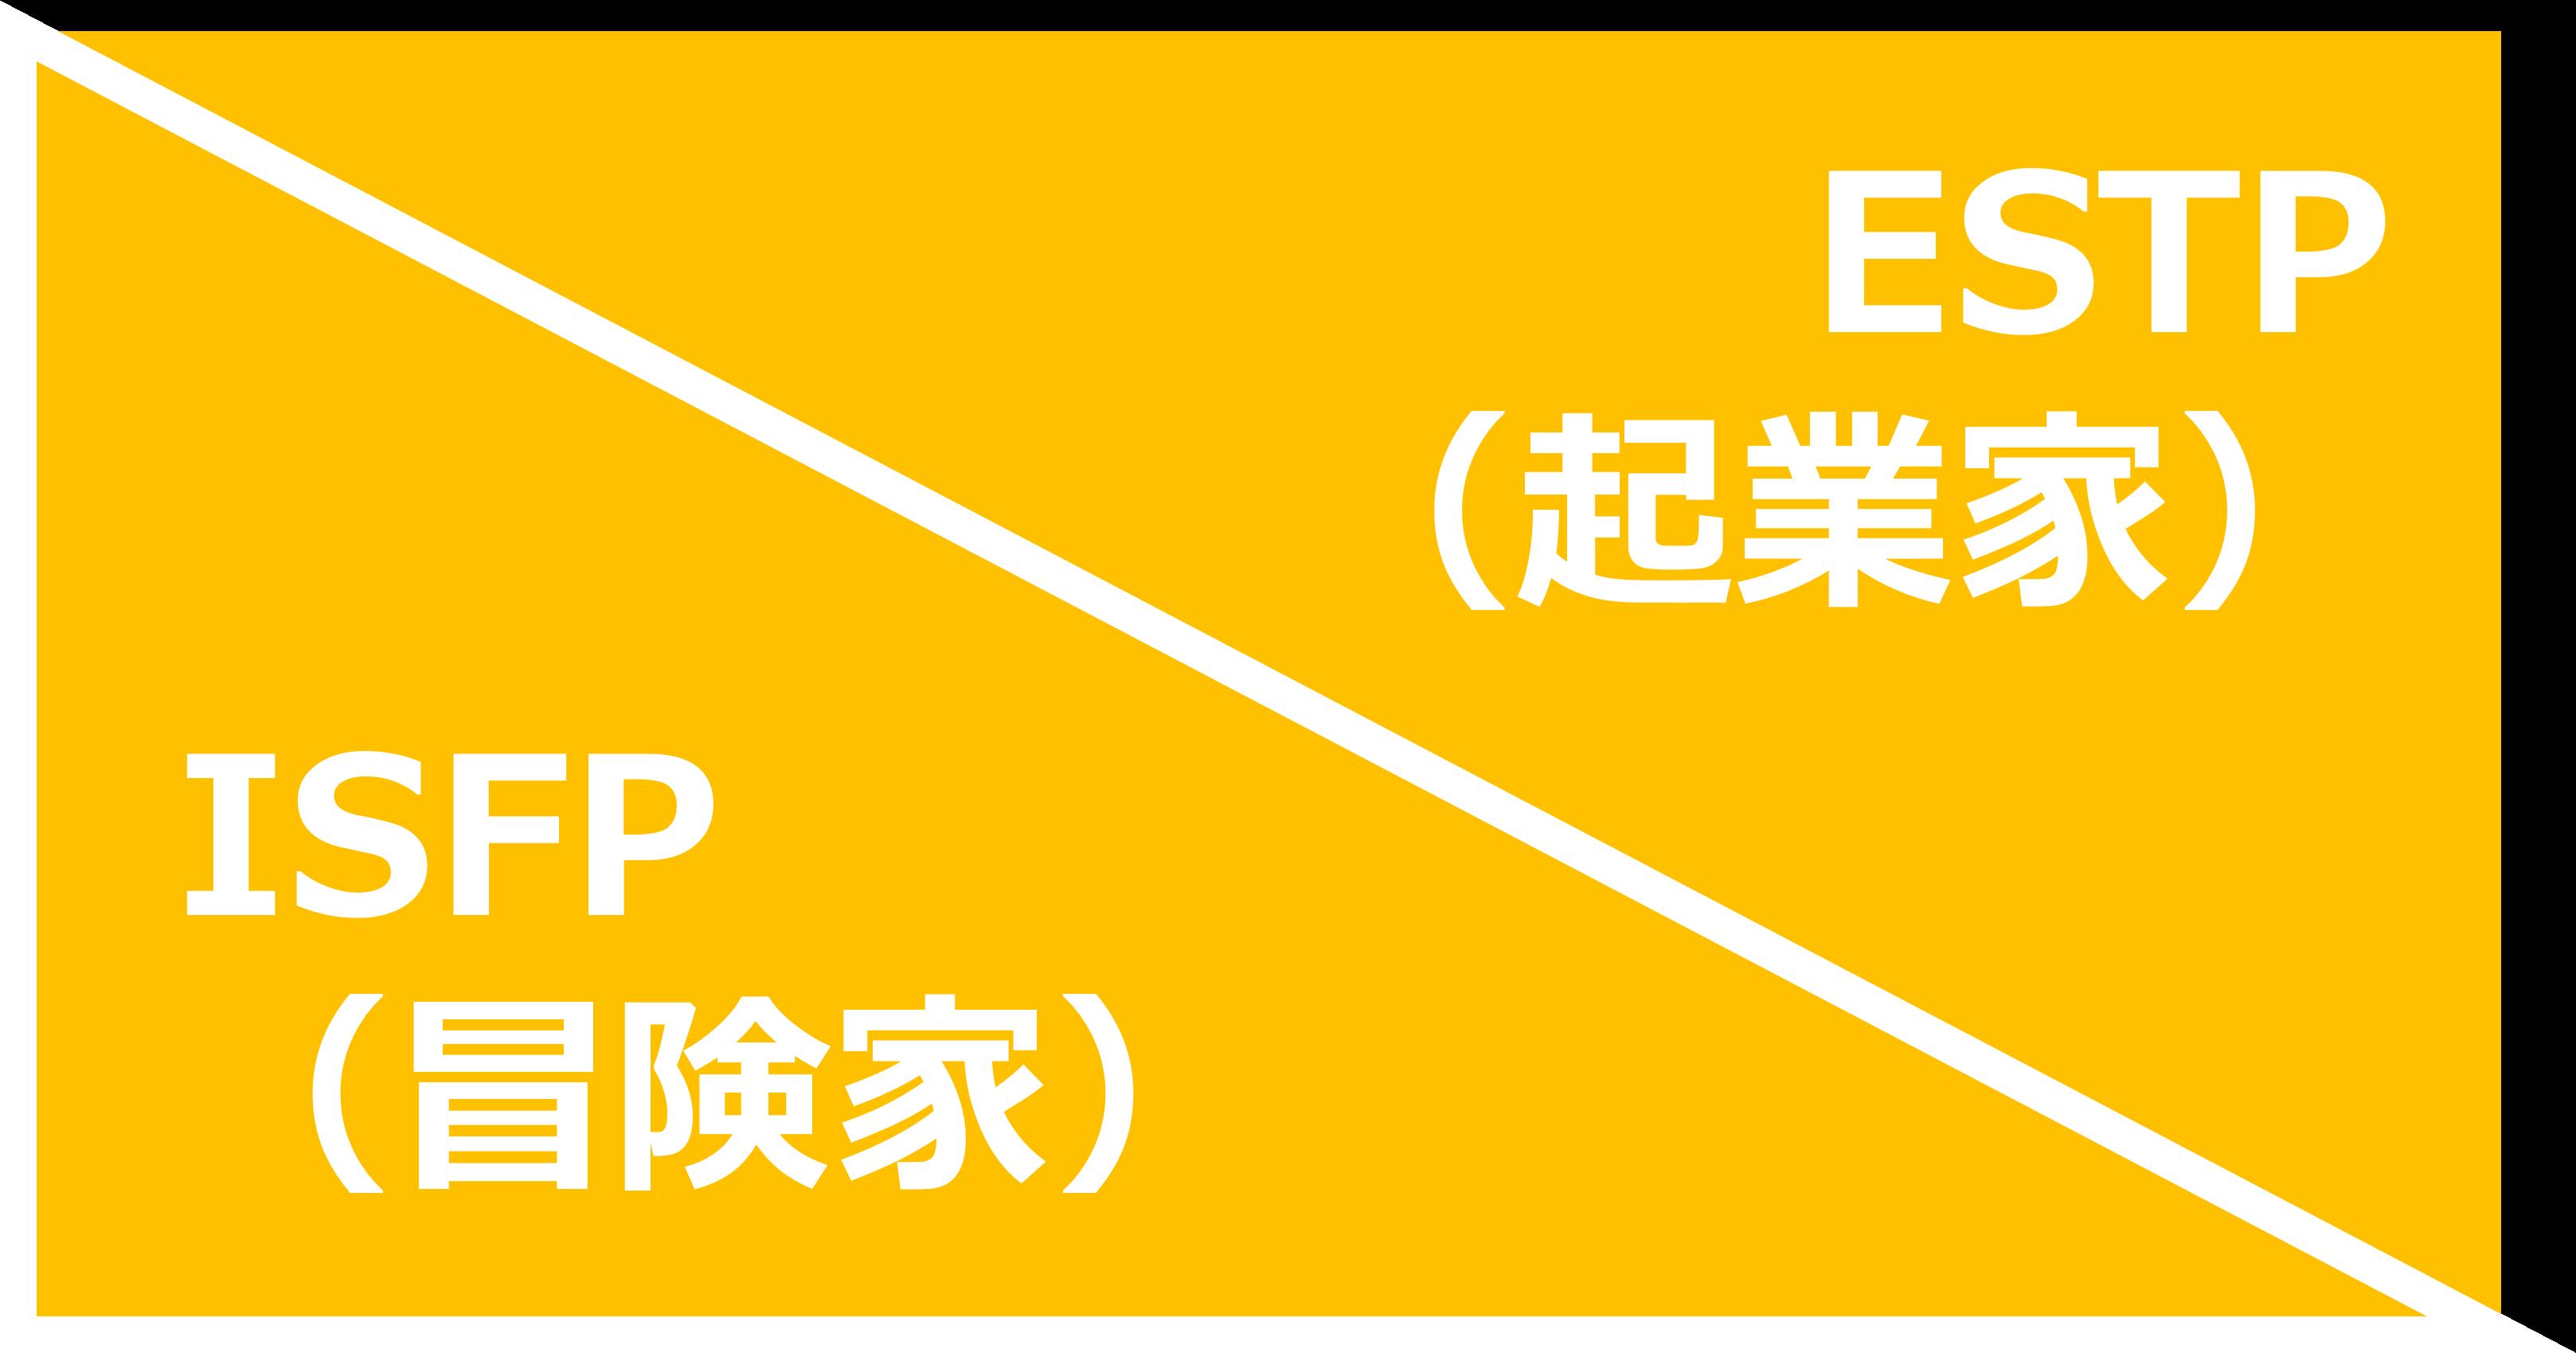 ISFP-ESTP